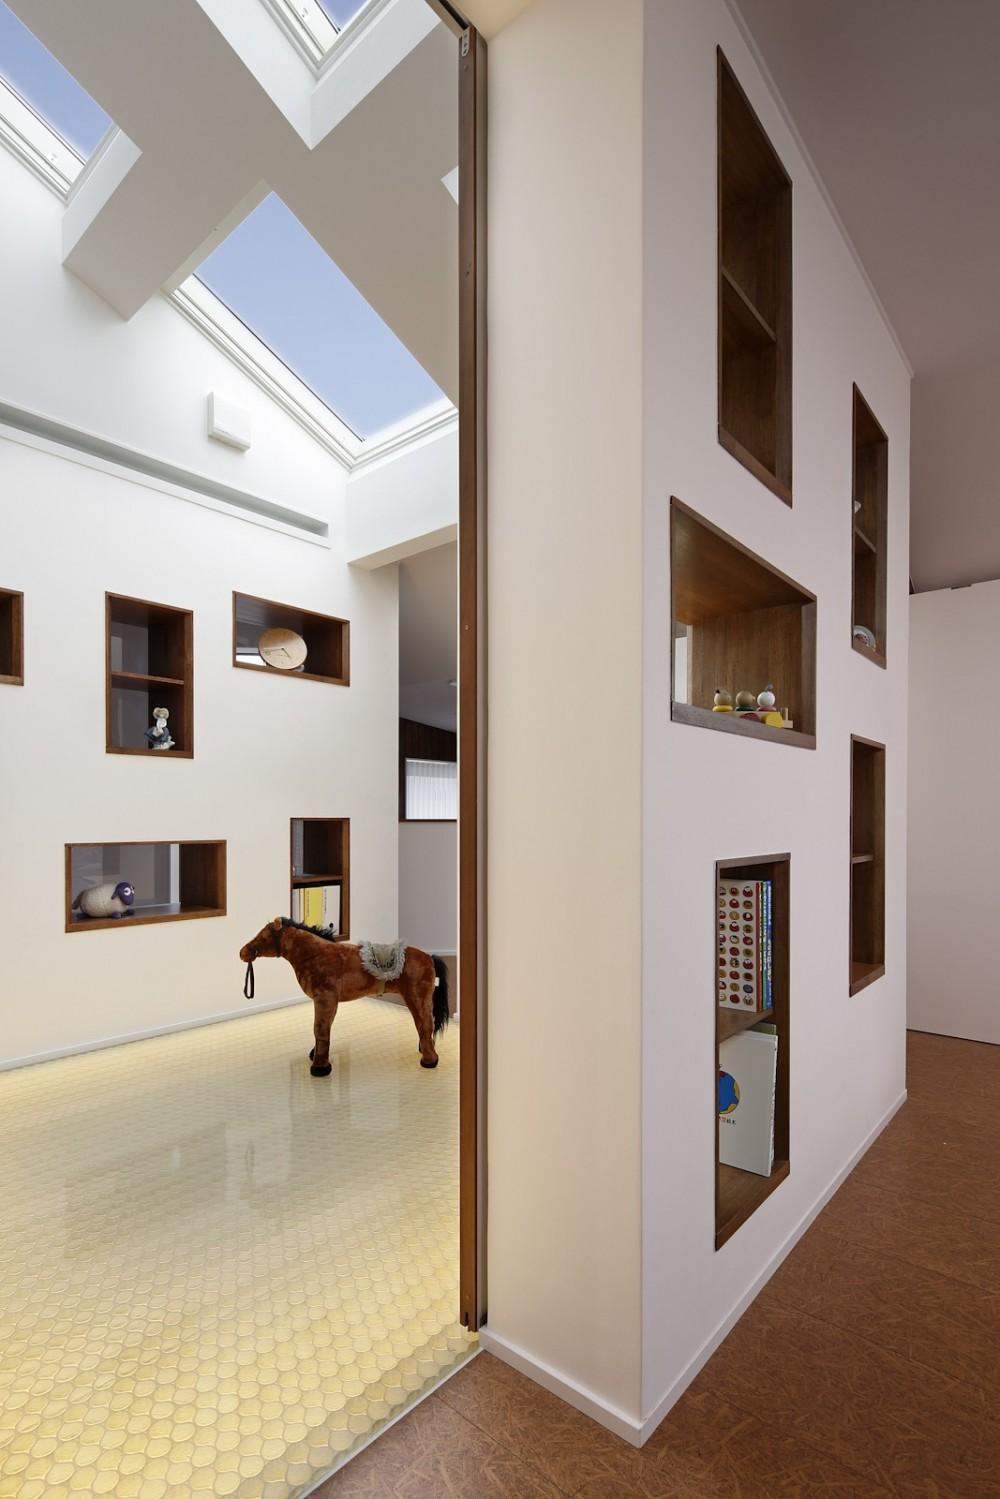 仕事場のある家|あなたの場所・自分の居場所を創る|キッチンとの関係性を良好に家事コーナーのコミュニティ (子供の部屋から見た光の間)